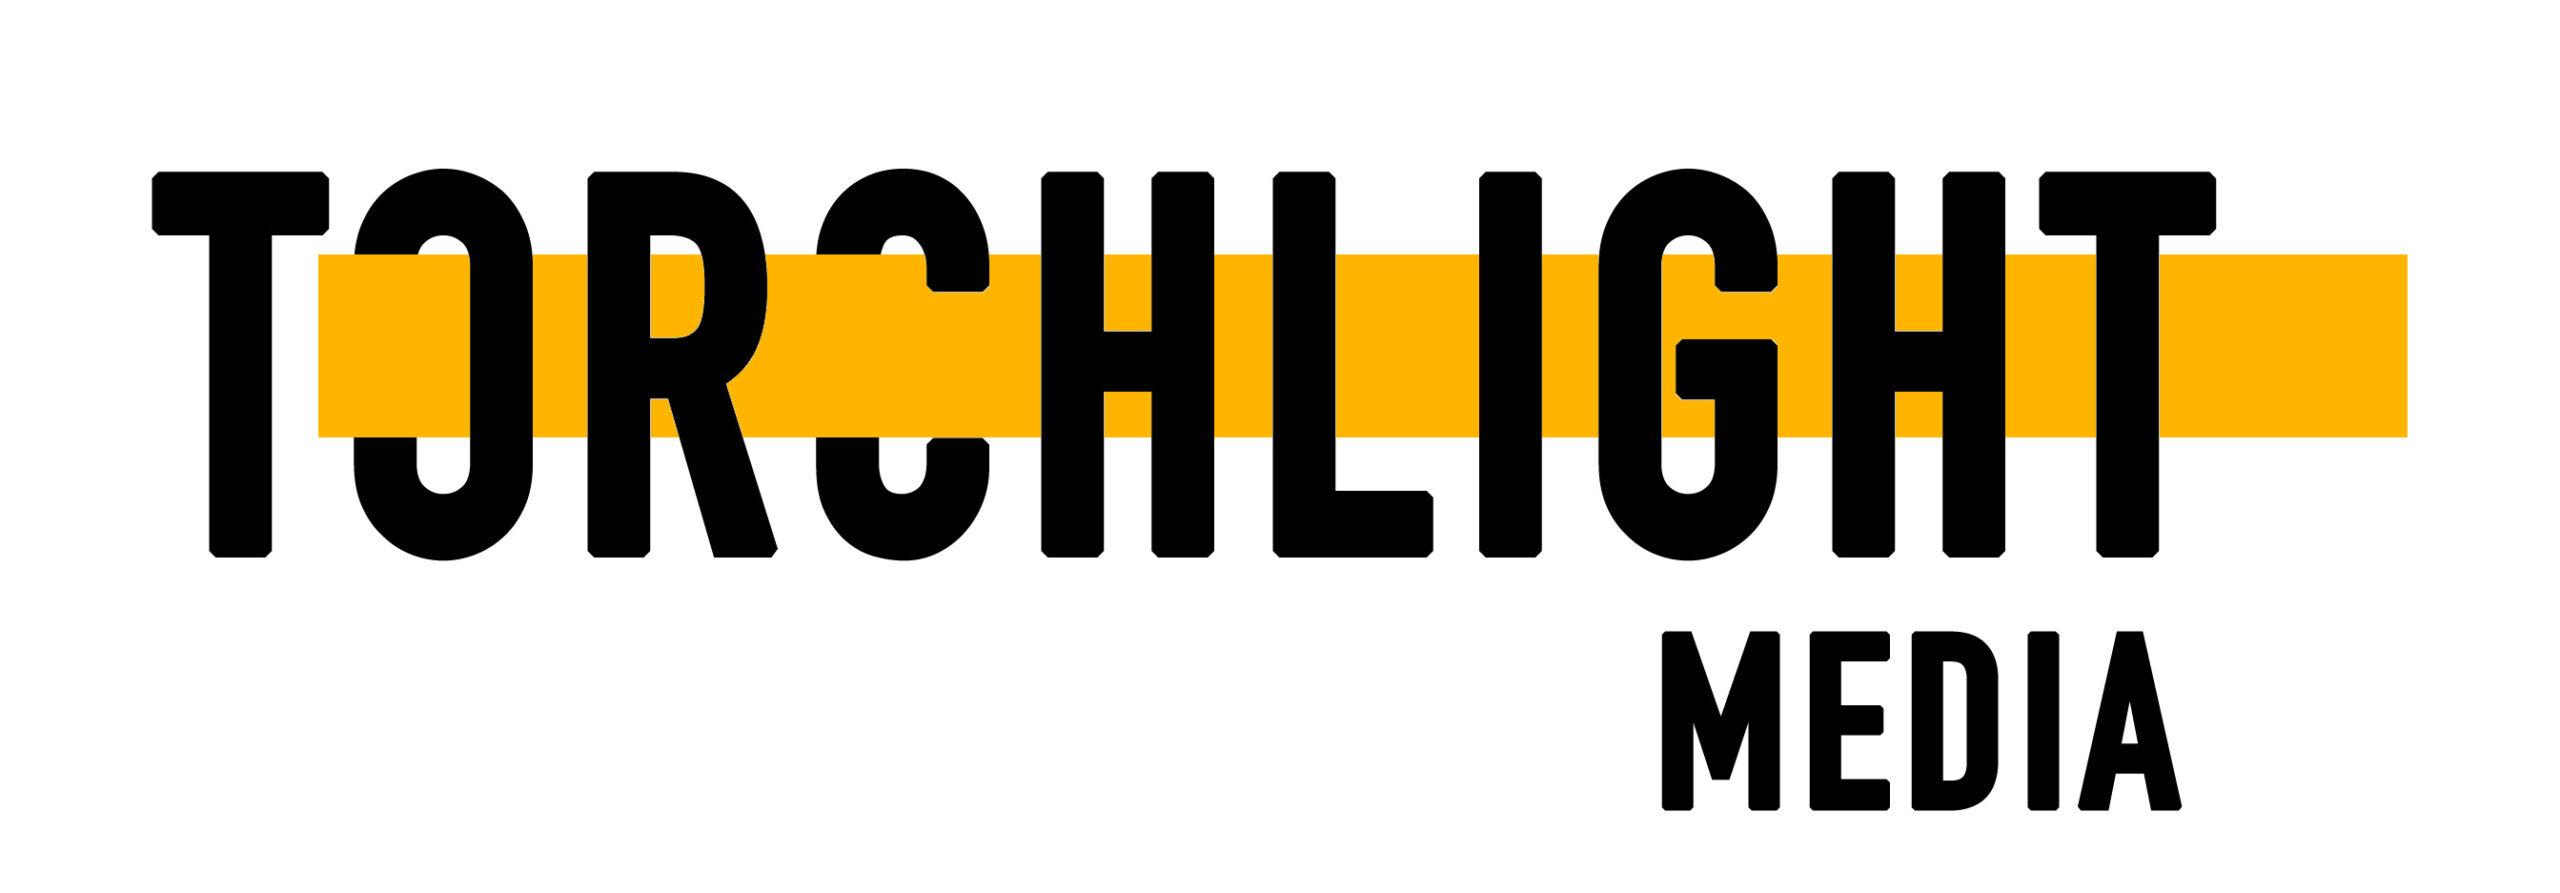 Torchlight Media